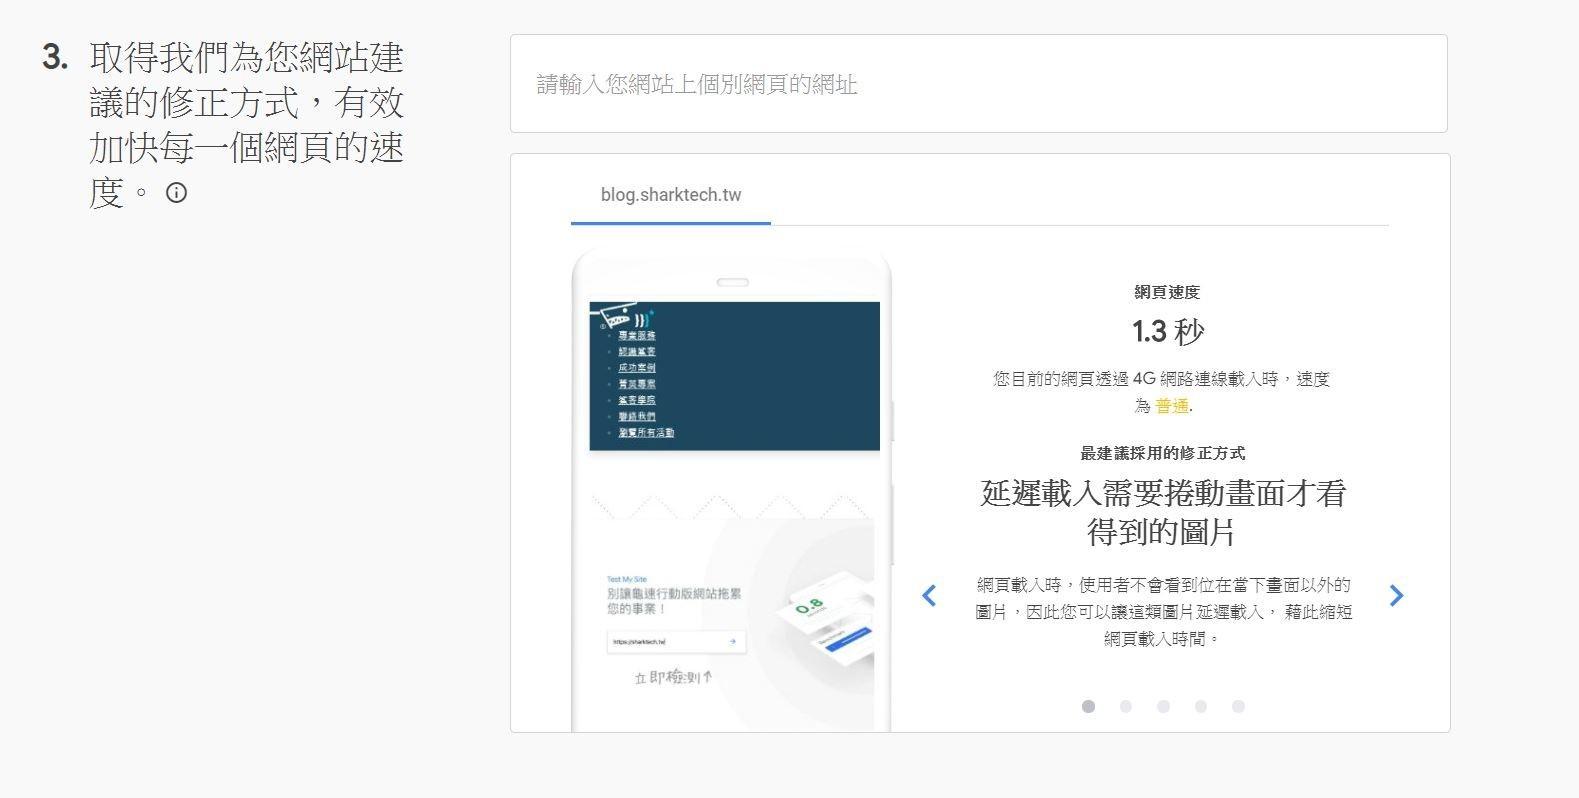 網站建議修正方式-鯊客科技SEO網站行銷公司